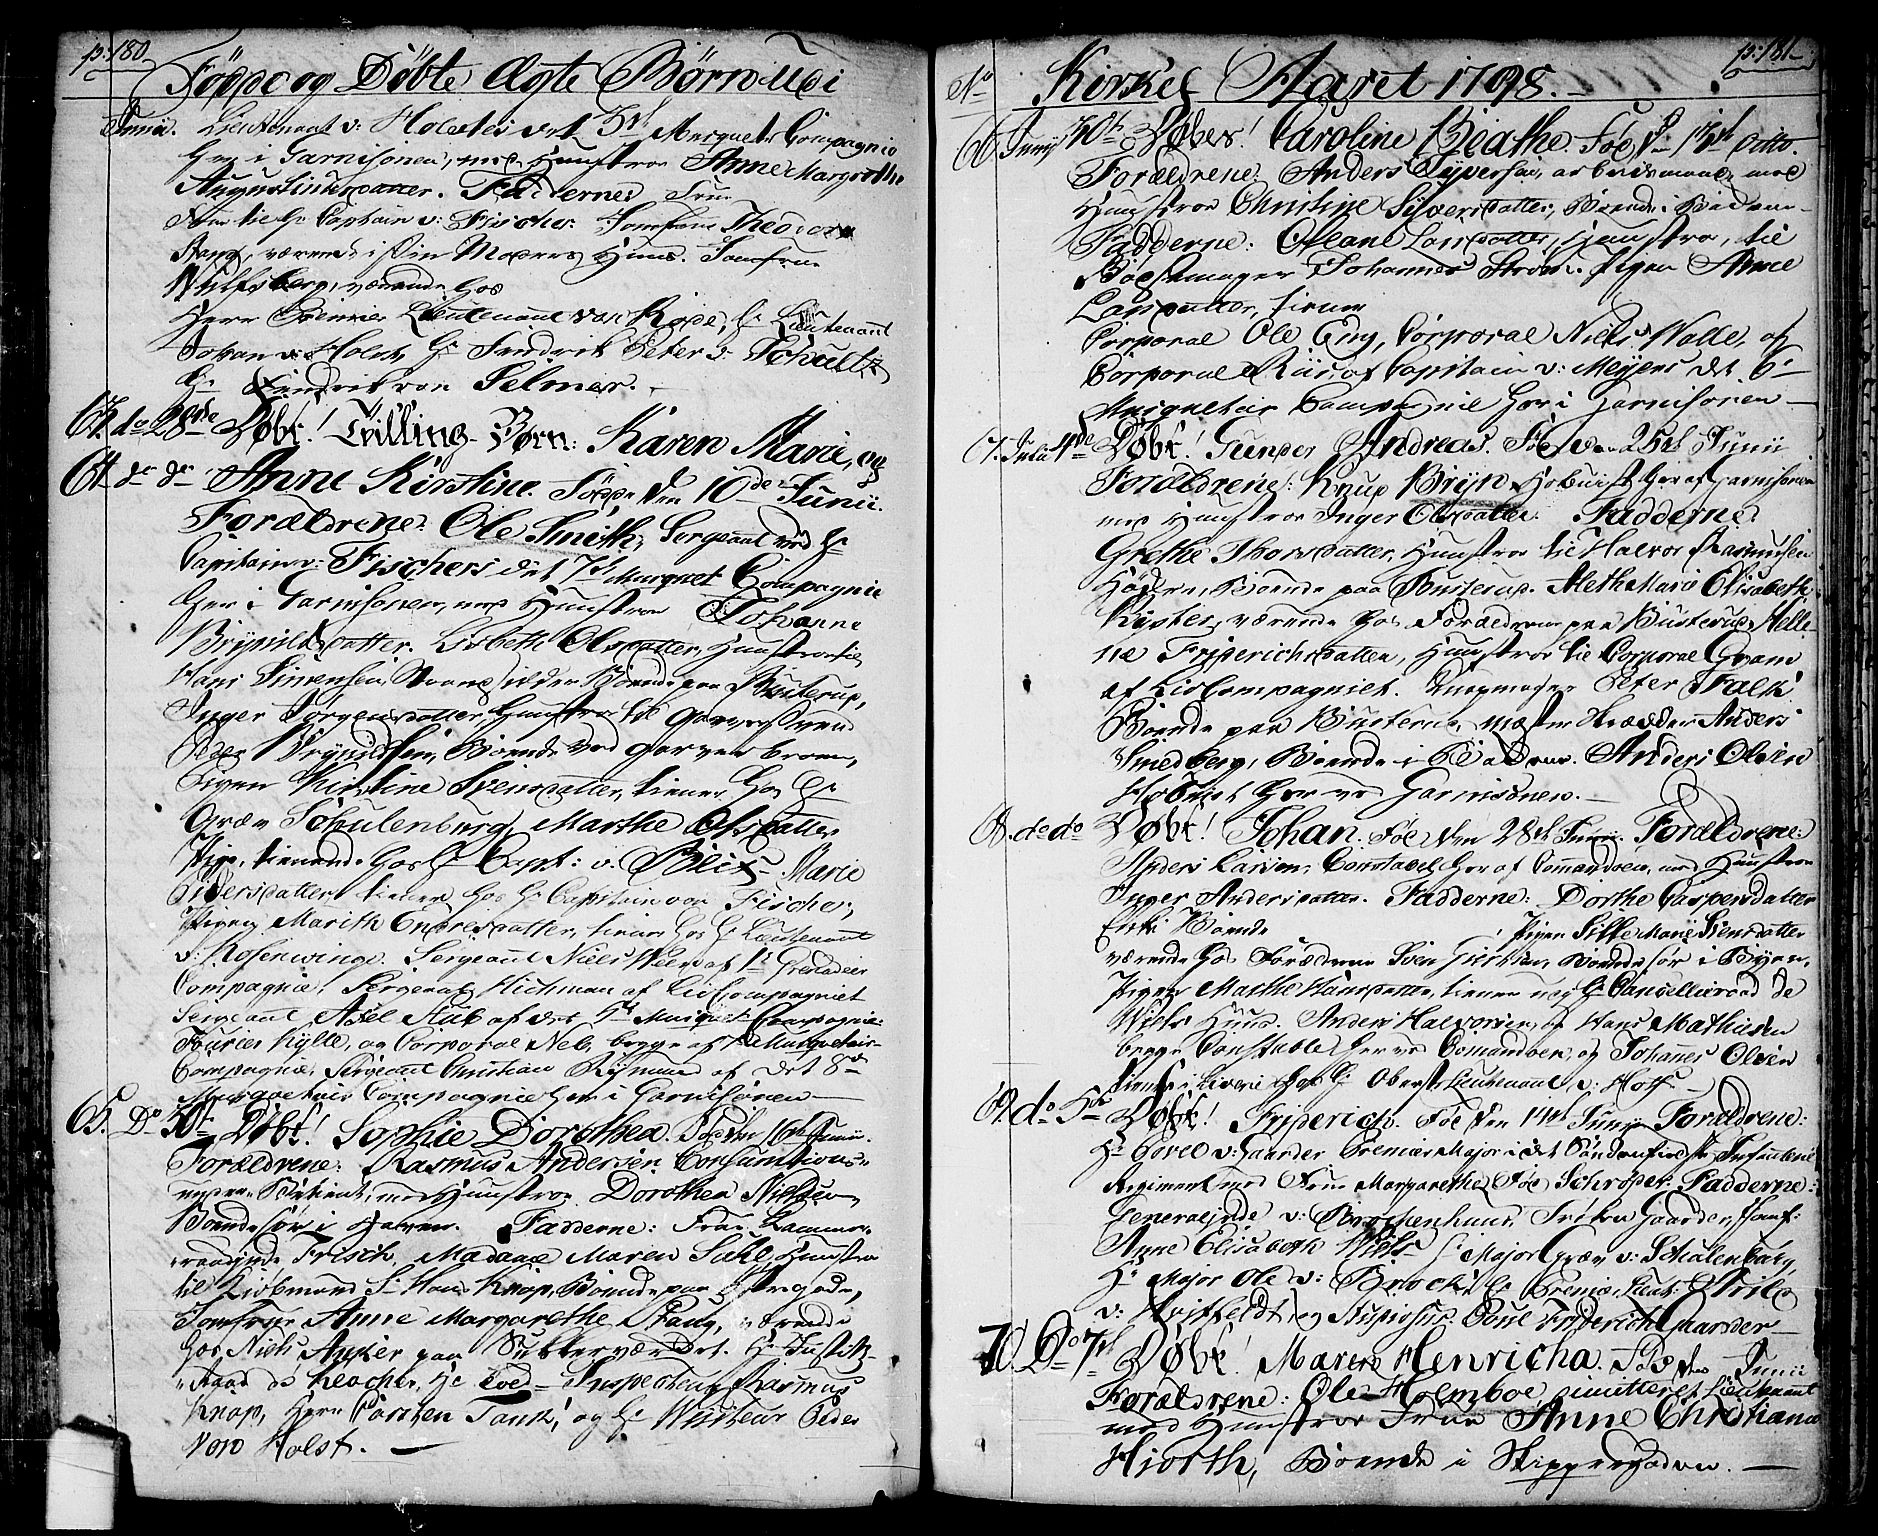 SAO, Halden prestekontor Kirkebøker, F/Fa/L0002: Ministerialbok nr. I 2, 1792-1812, s. 180-181